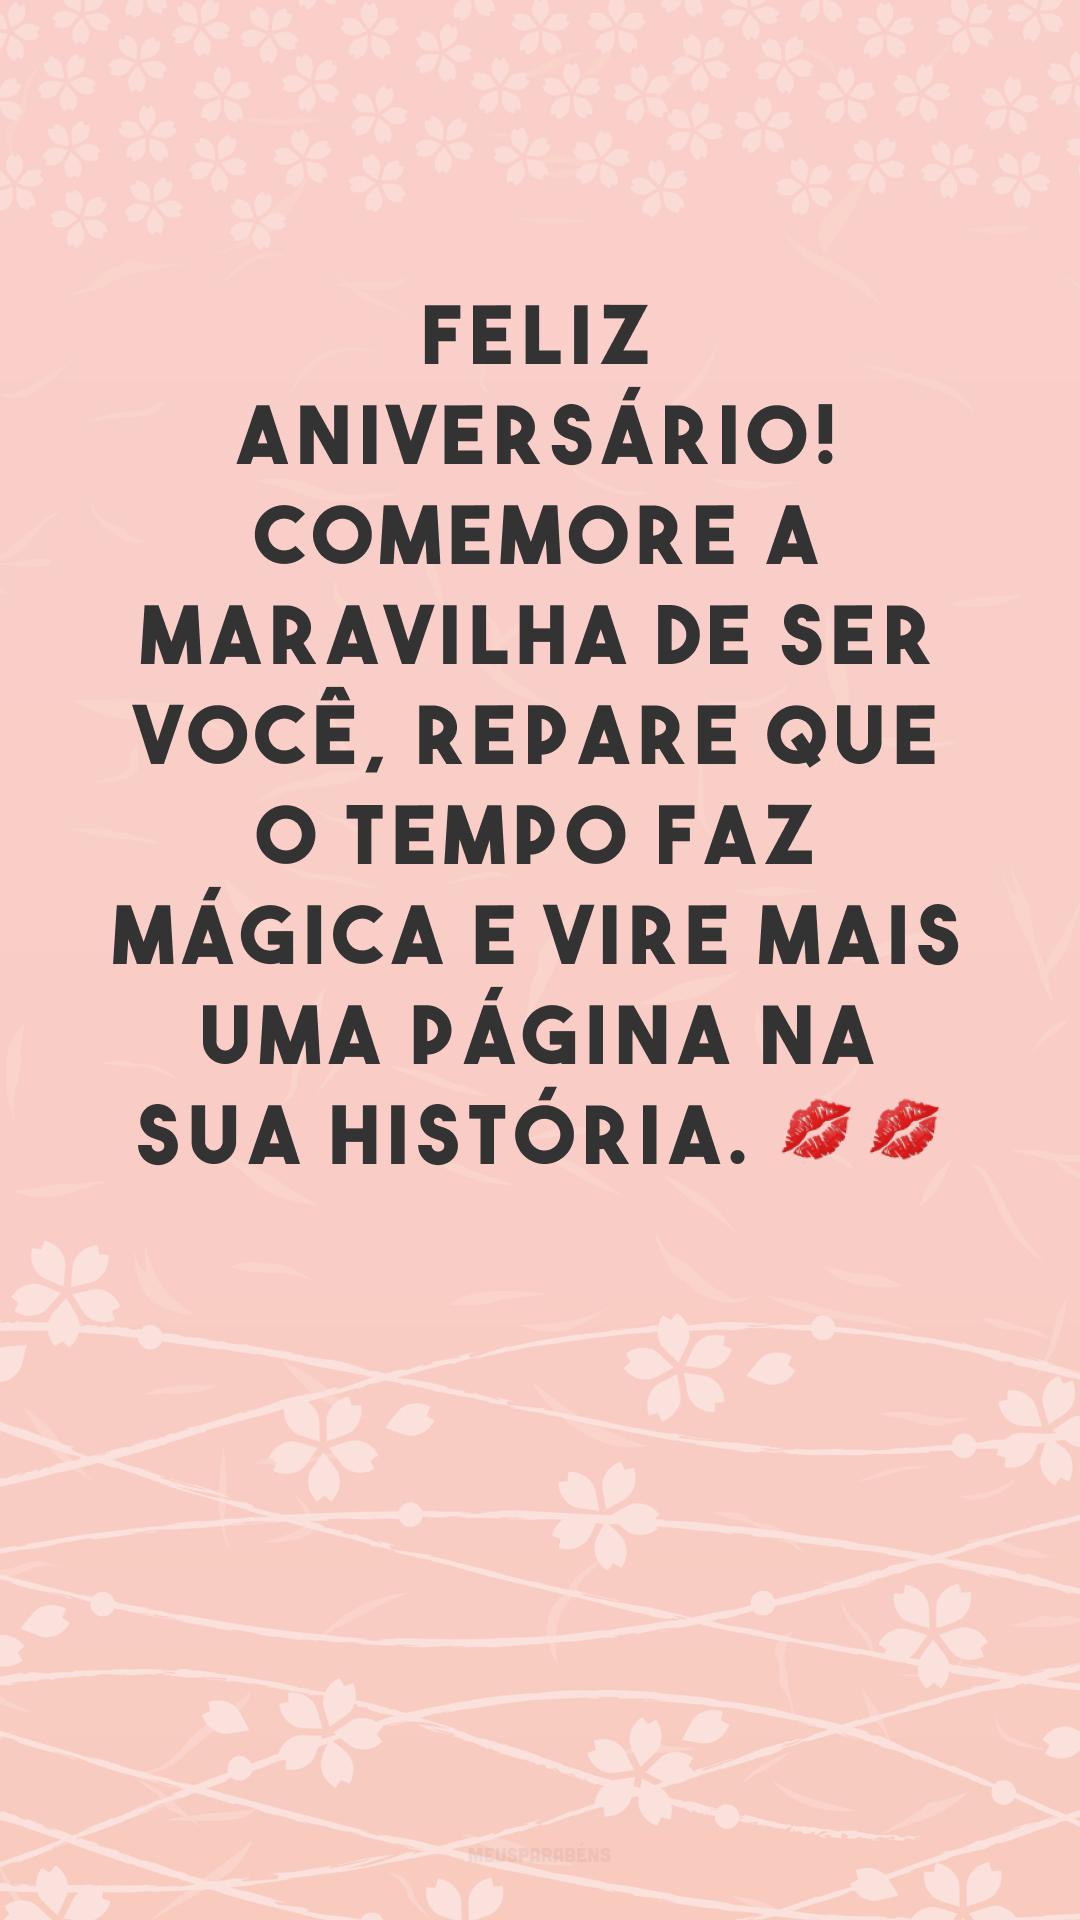 Feliz aniversário! Comemore a maravilha de ser você, repare que o tempo faz mágica e vire mais uma página na sua história. 💋💋